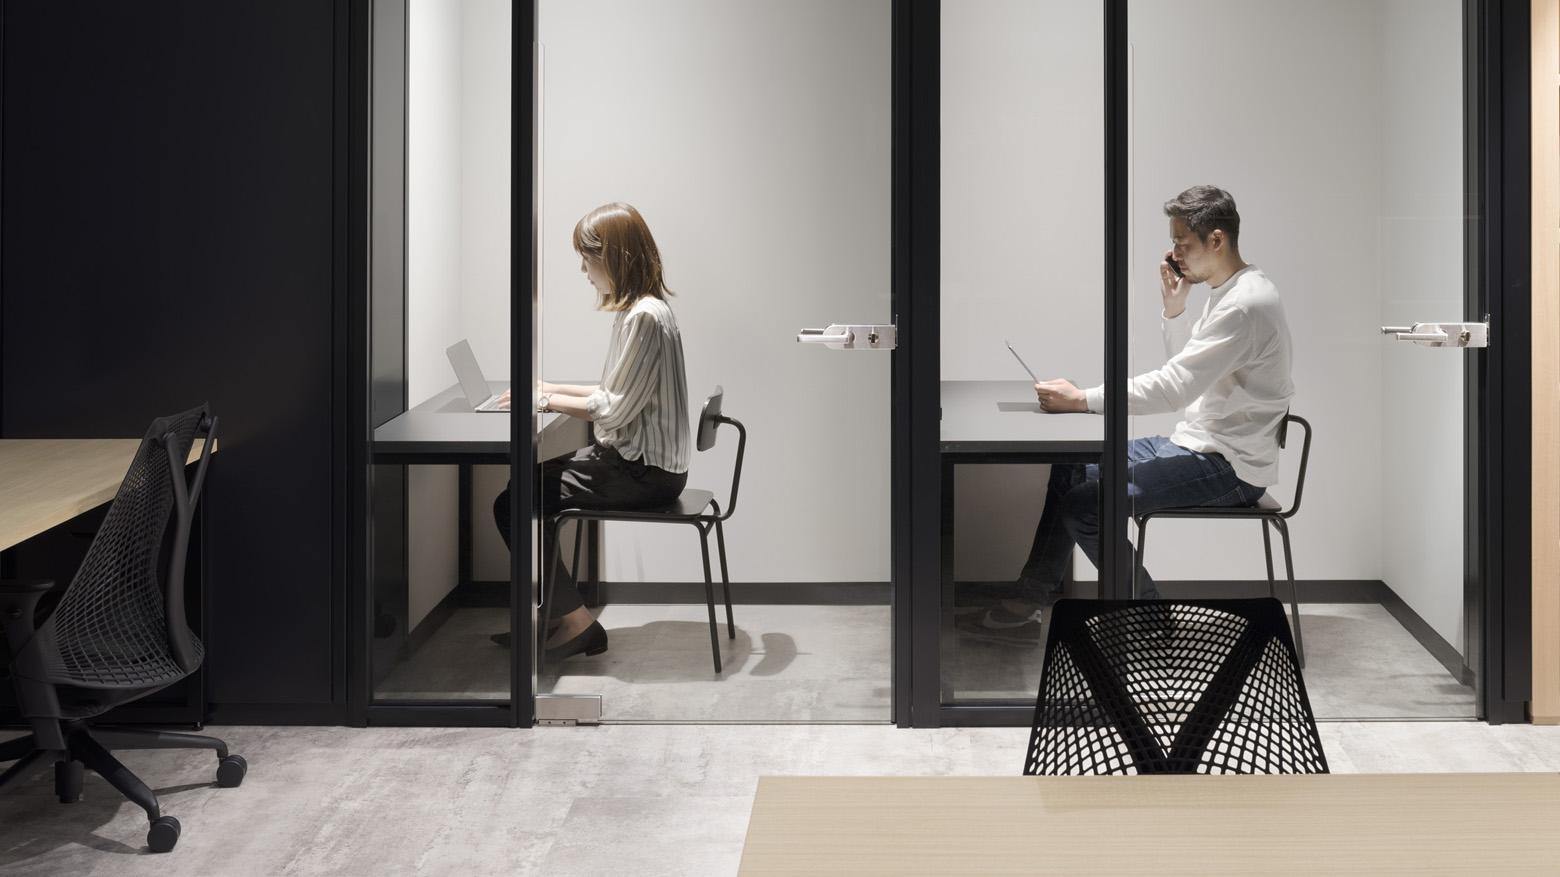 リンクタイズ株式会社 Tel Booth デザイン・レイアウト事例